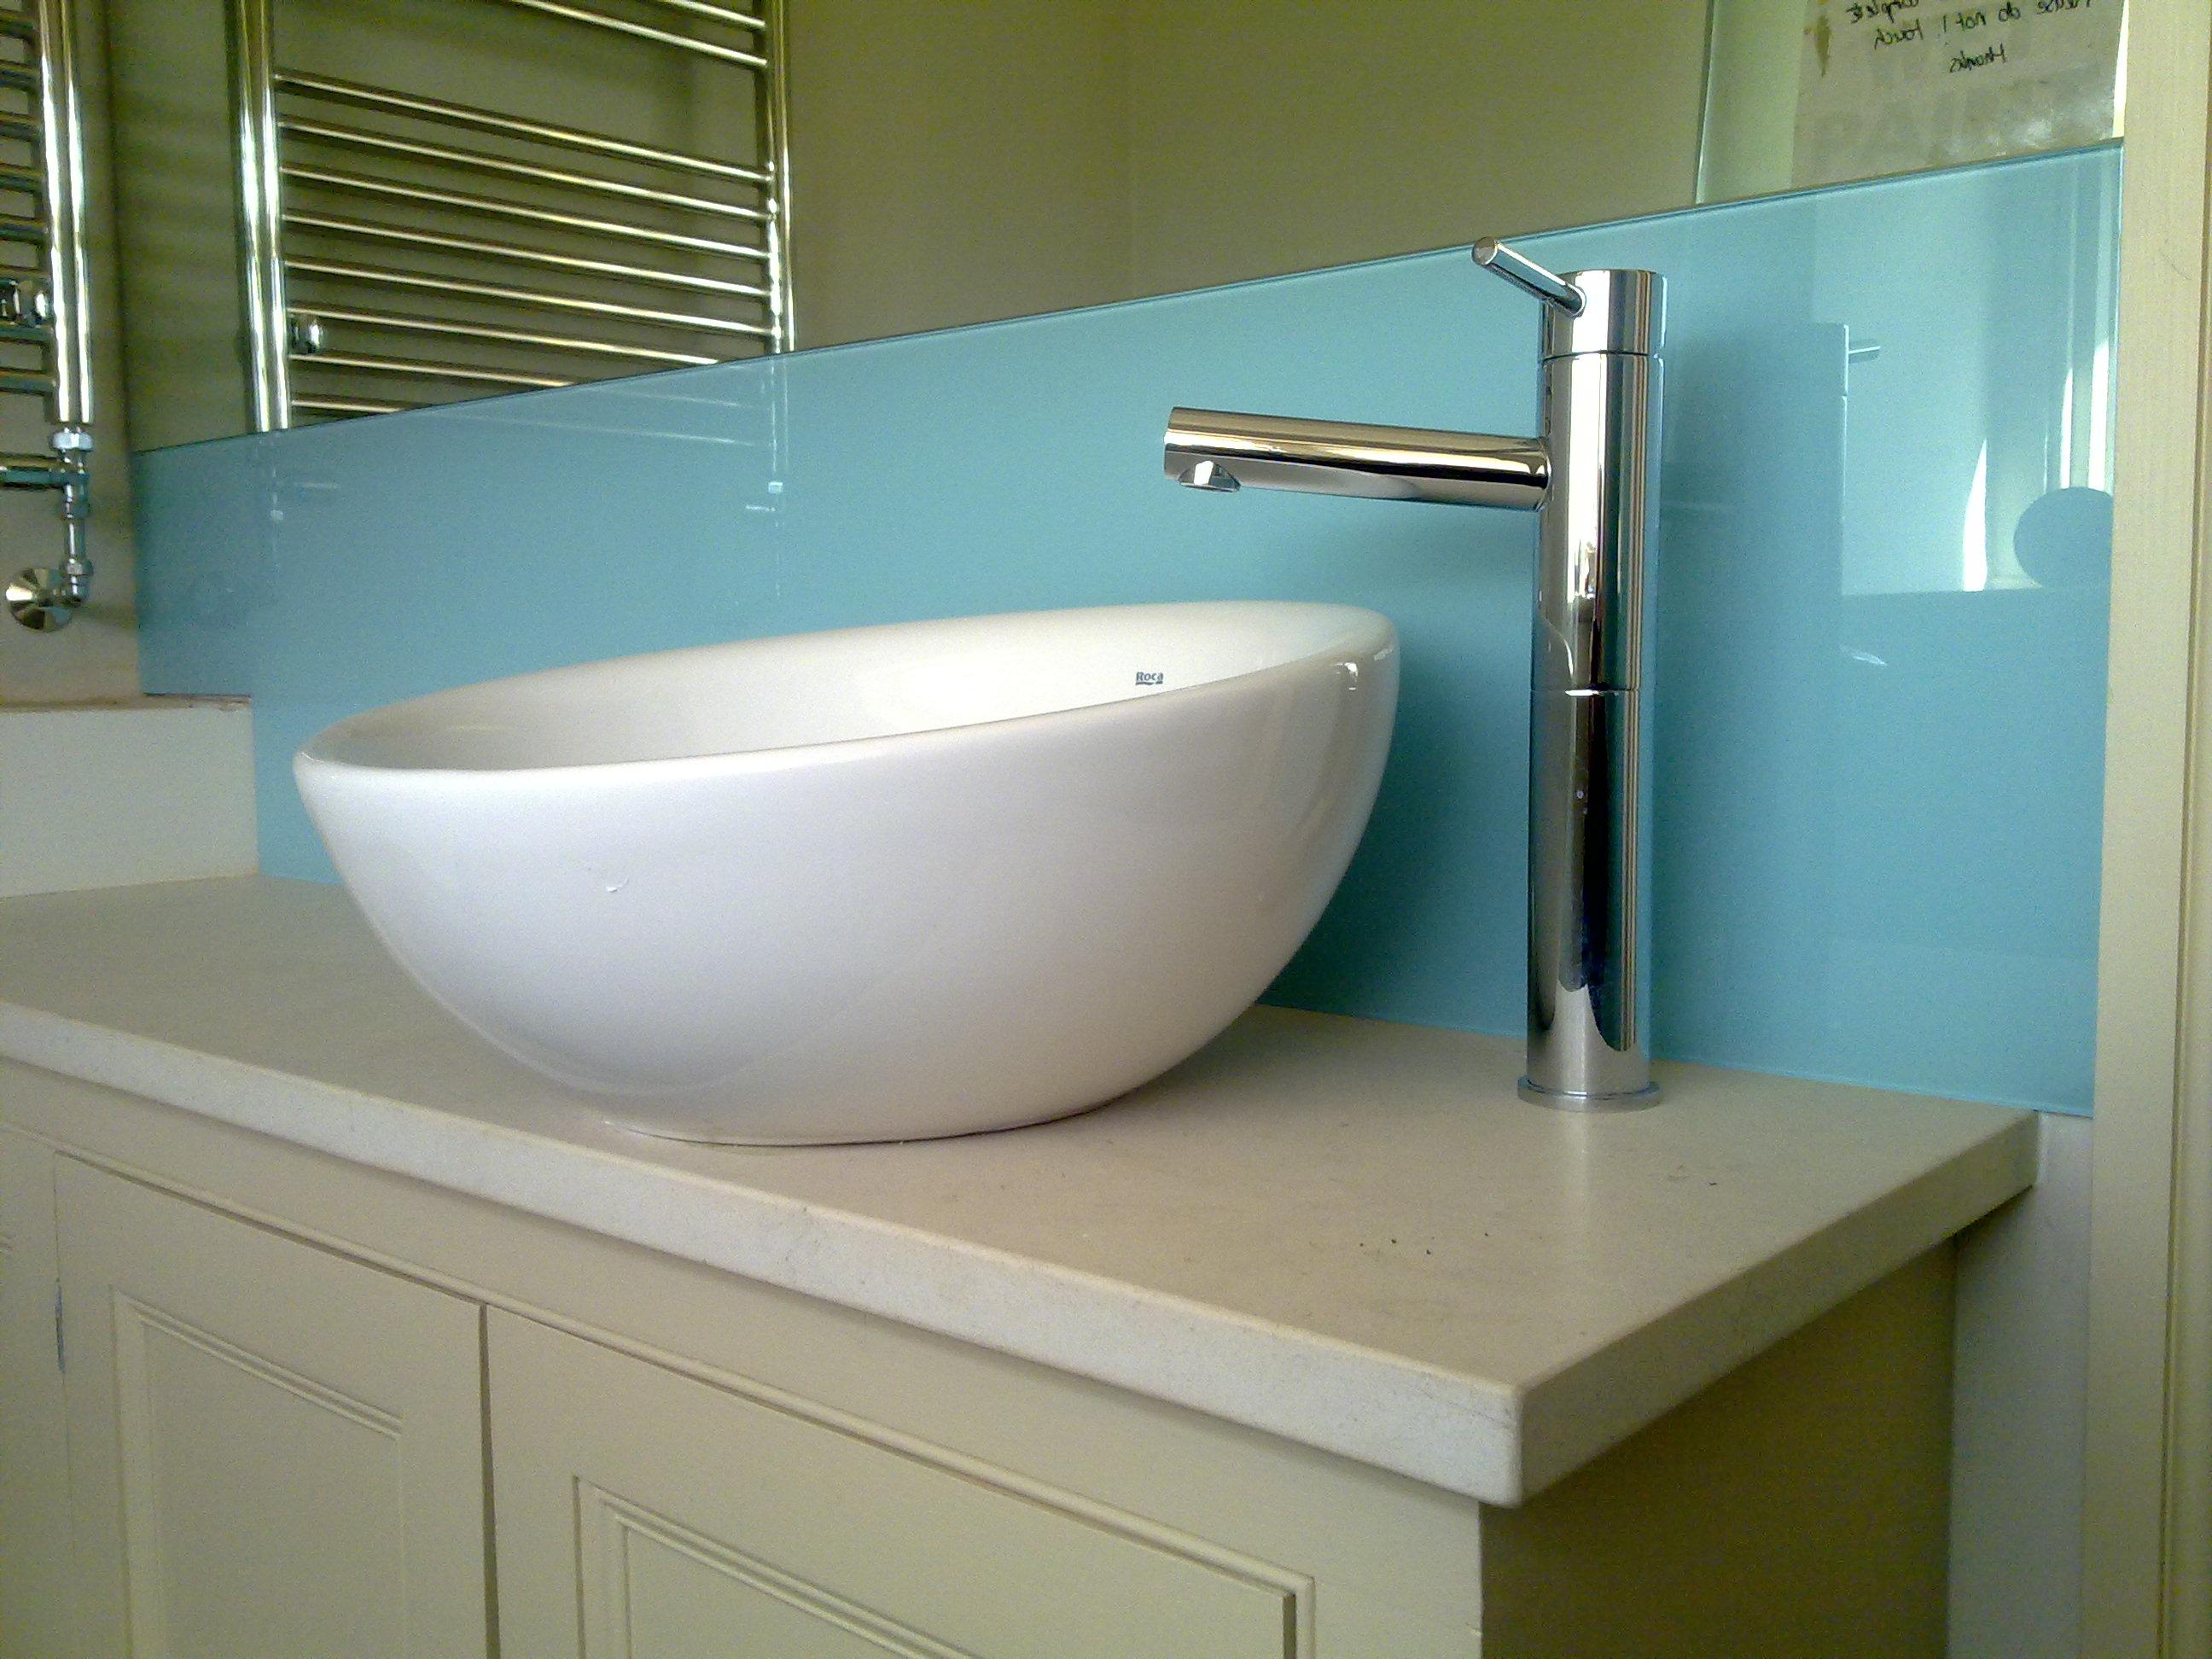 Wash room splashbacks